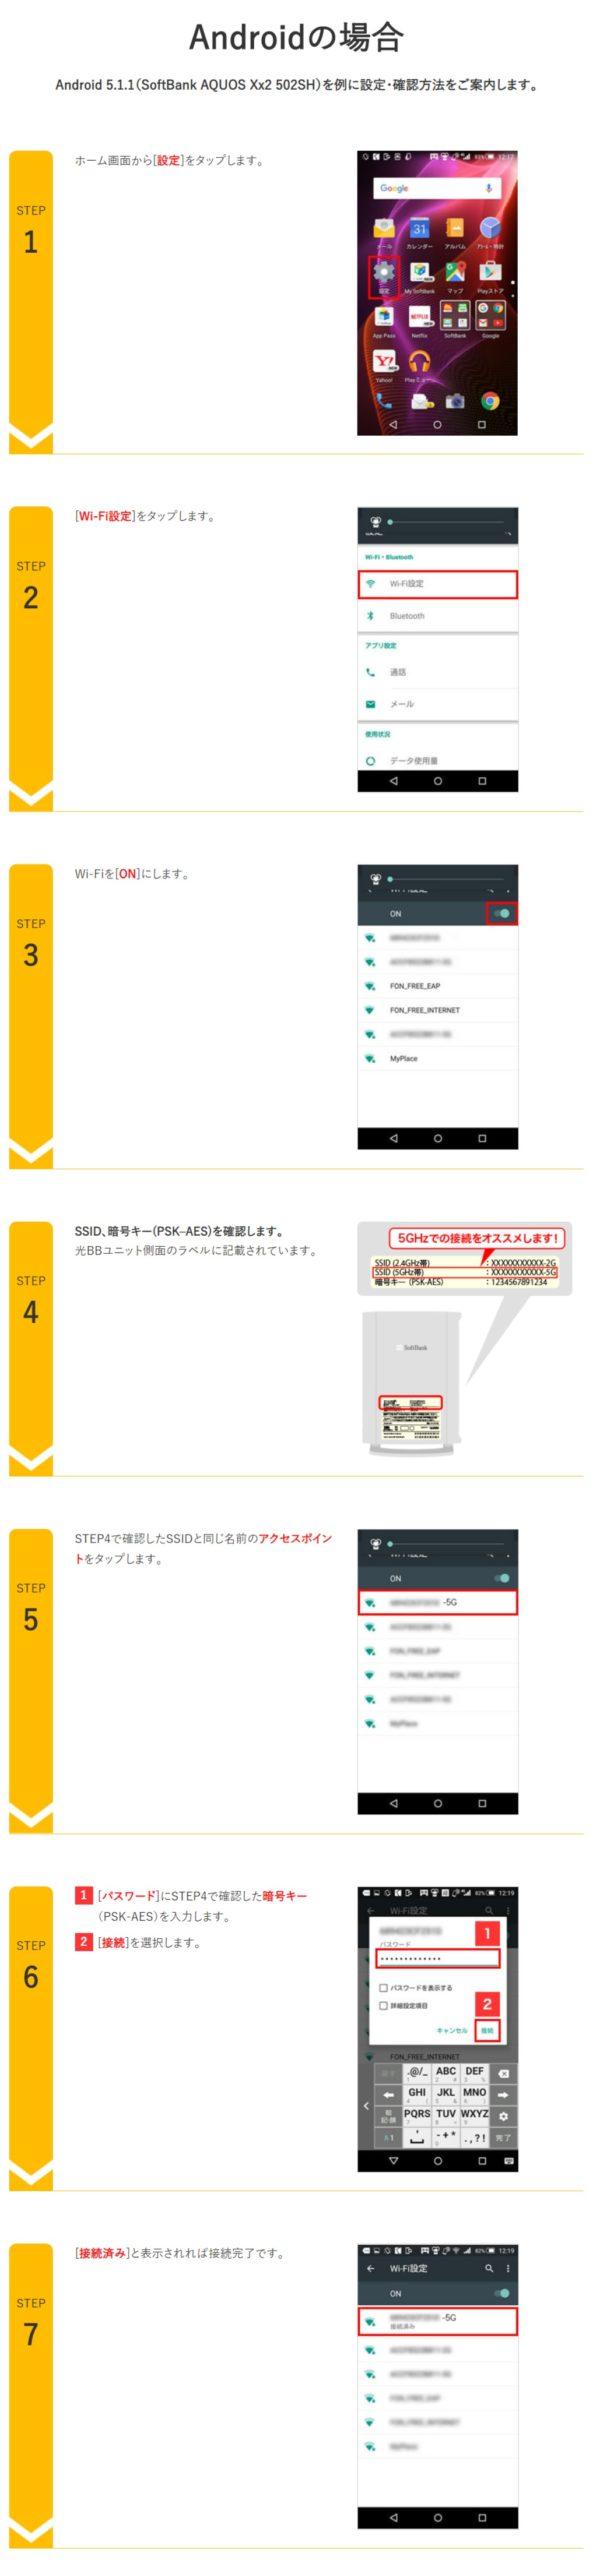 SoftBank 光のWi-Fiを設定する|Android